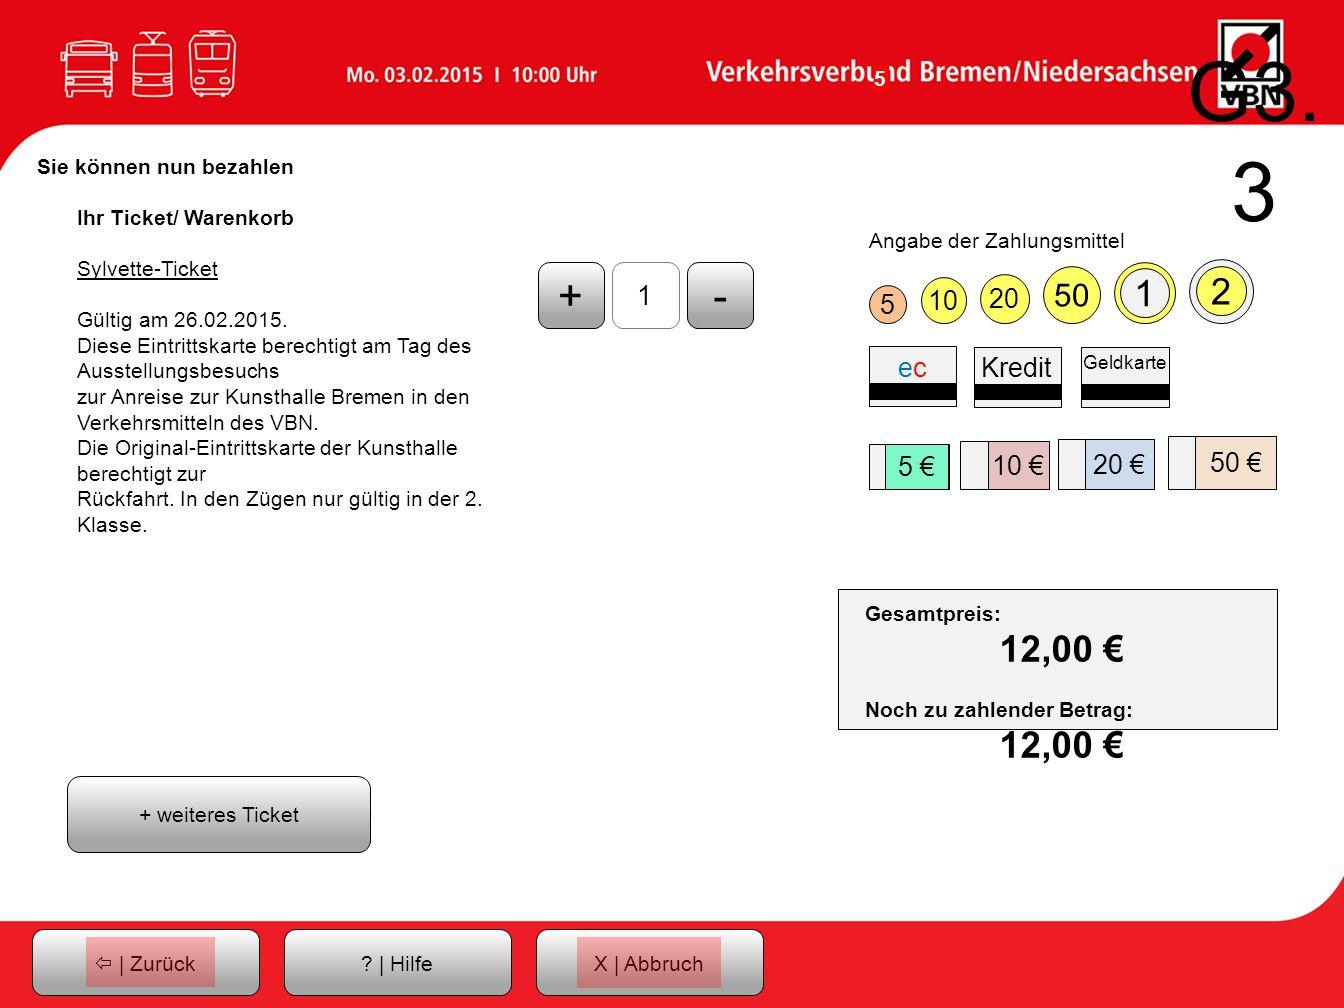 5 G3.3  | ZurückX | Abbruch. | Hilfe Ihr Ticket/ Warenkorb Sylvette-Ticket Gültig am 26.02.2015.